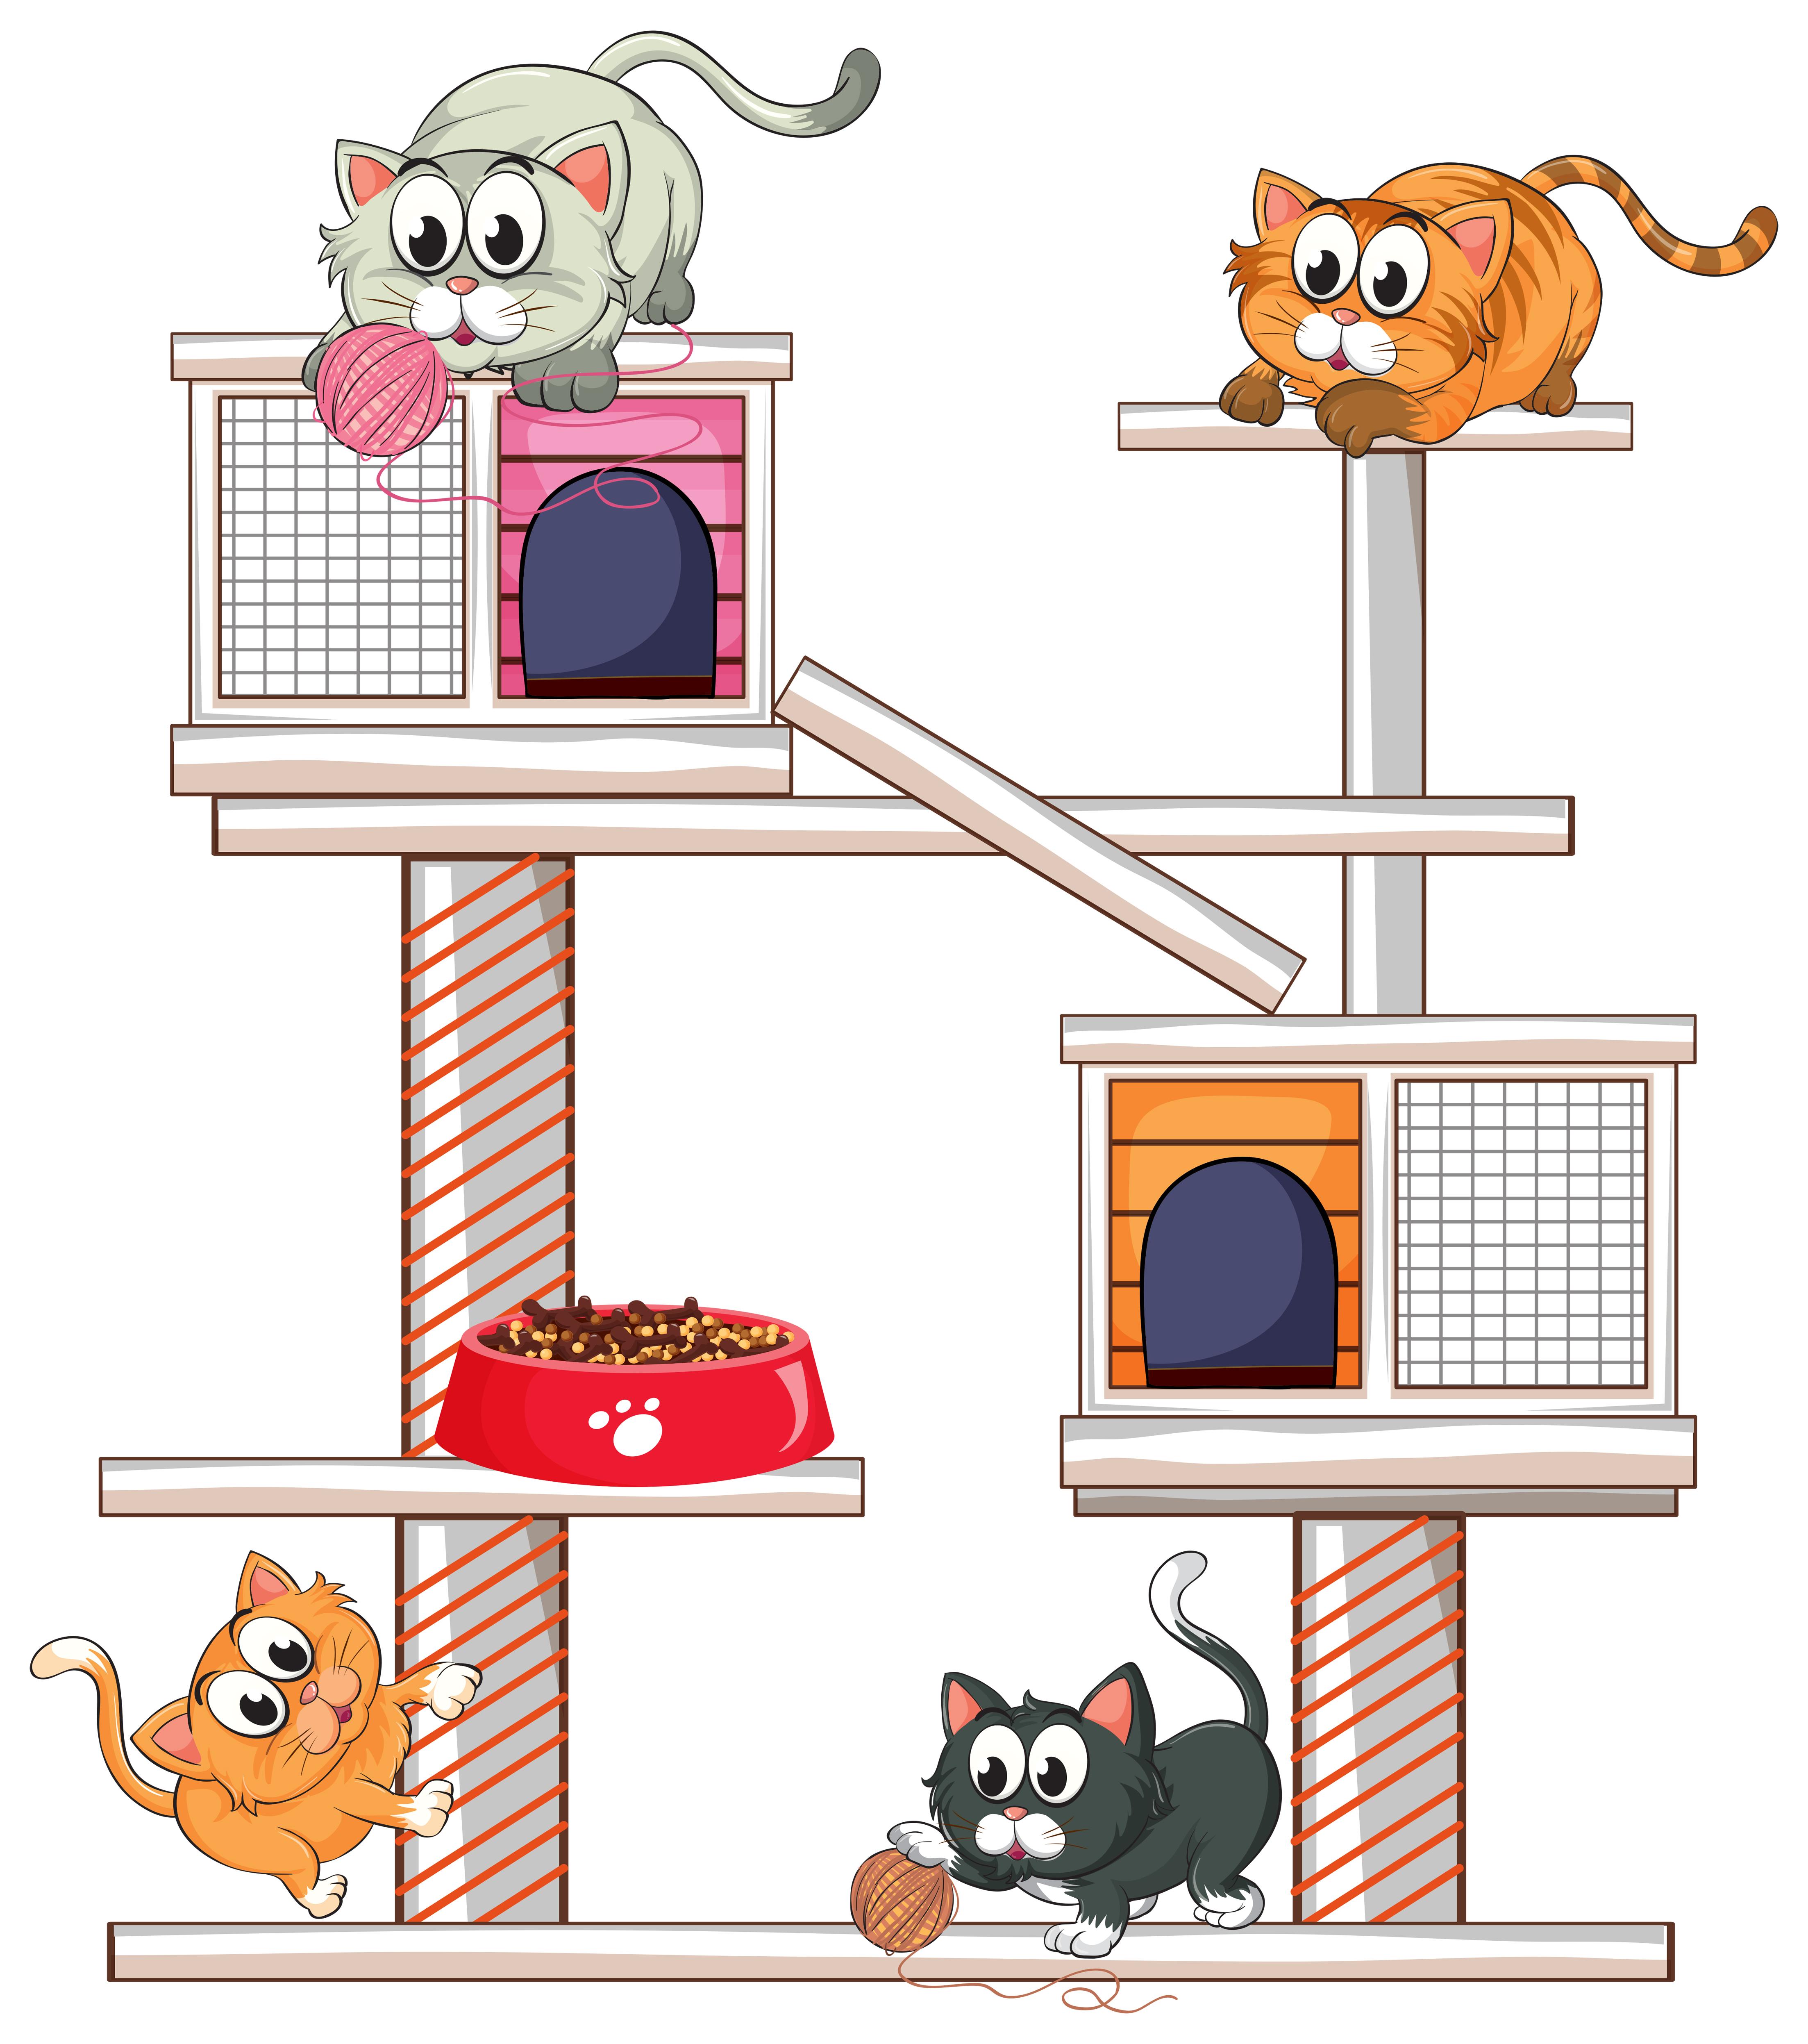 Rete Per Gatti Condominio gatti che giocano sul condominio per gatti - scarica